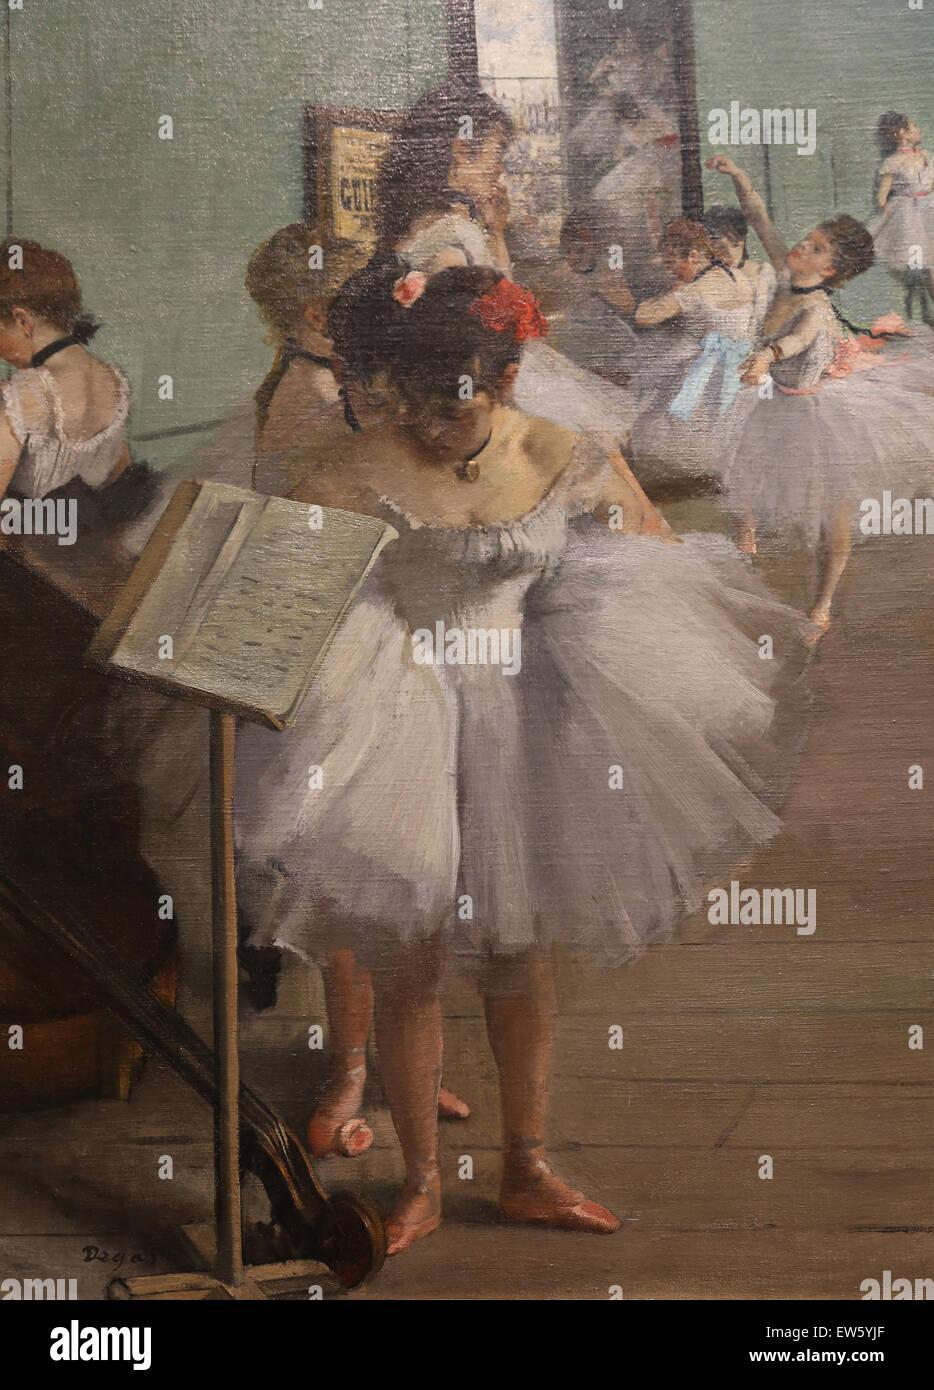 Edgar Degas (1834-1917). El pintor francés. La clase de danza, 1874. Óleo sobre lienzo. Museo Metropolitano de Arte Foto de stock